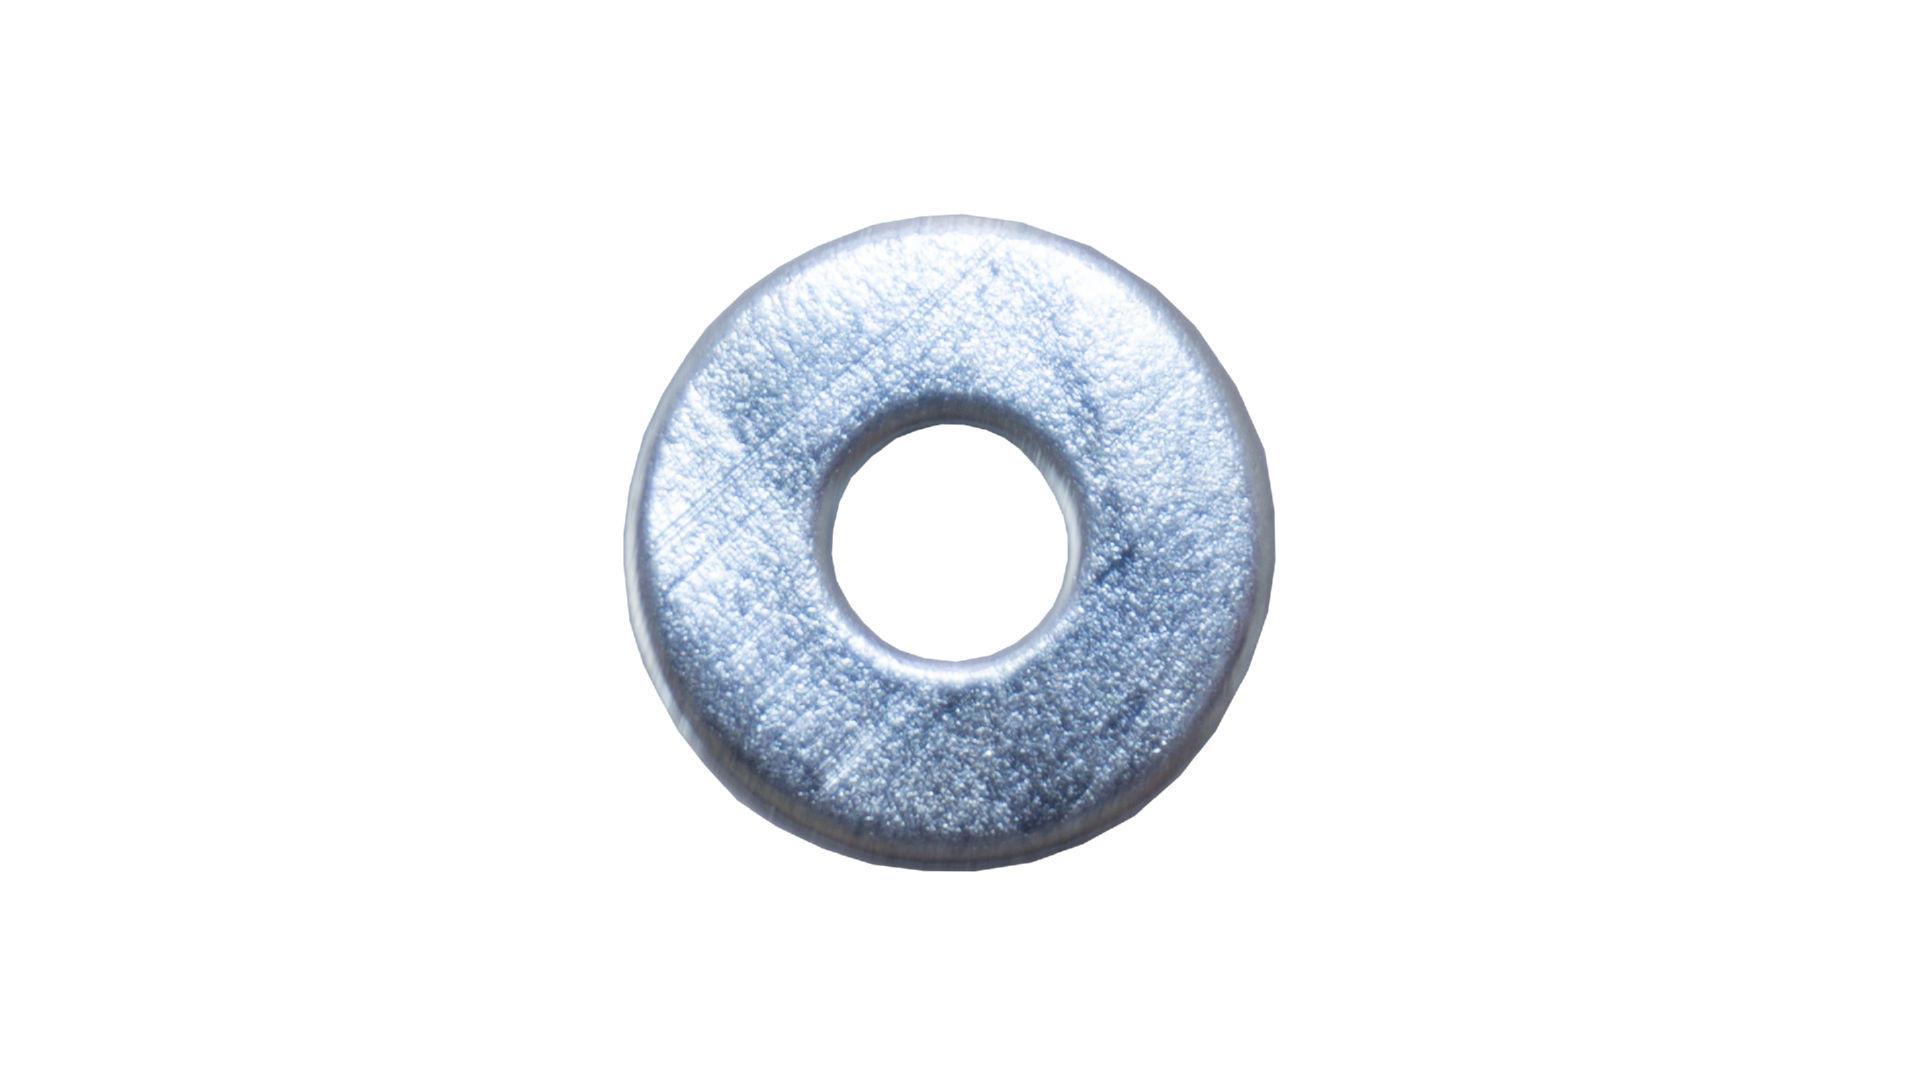 Шайба плоская увеличенная Apro - М6 DIN 9021 (100 шт.) 3